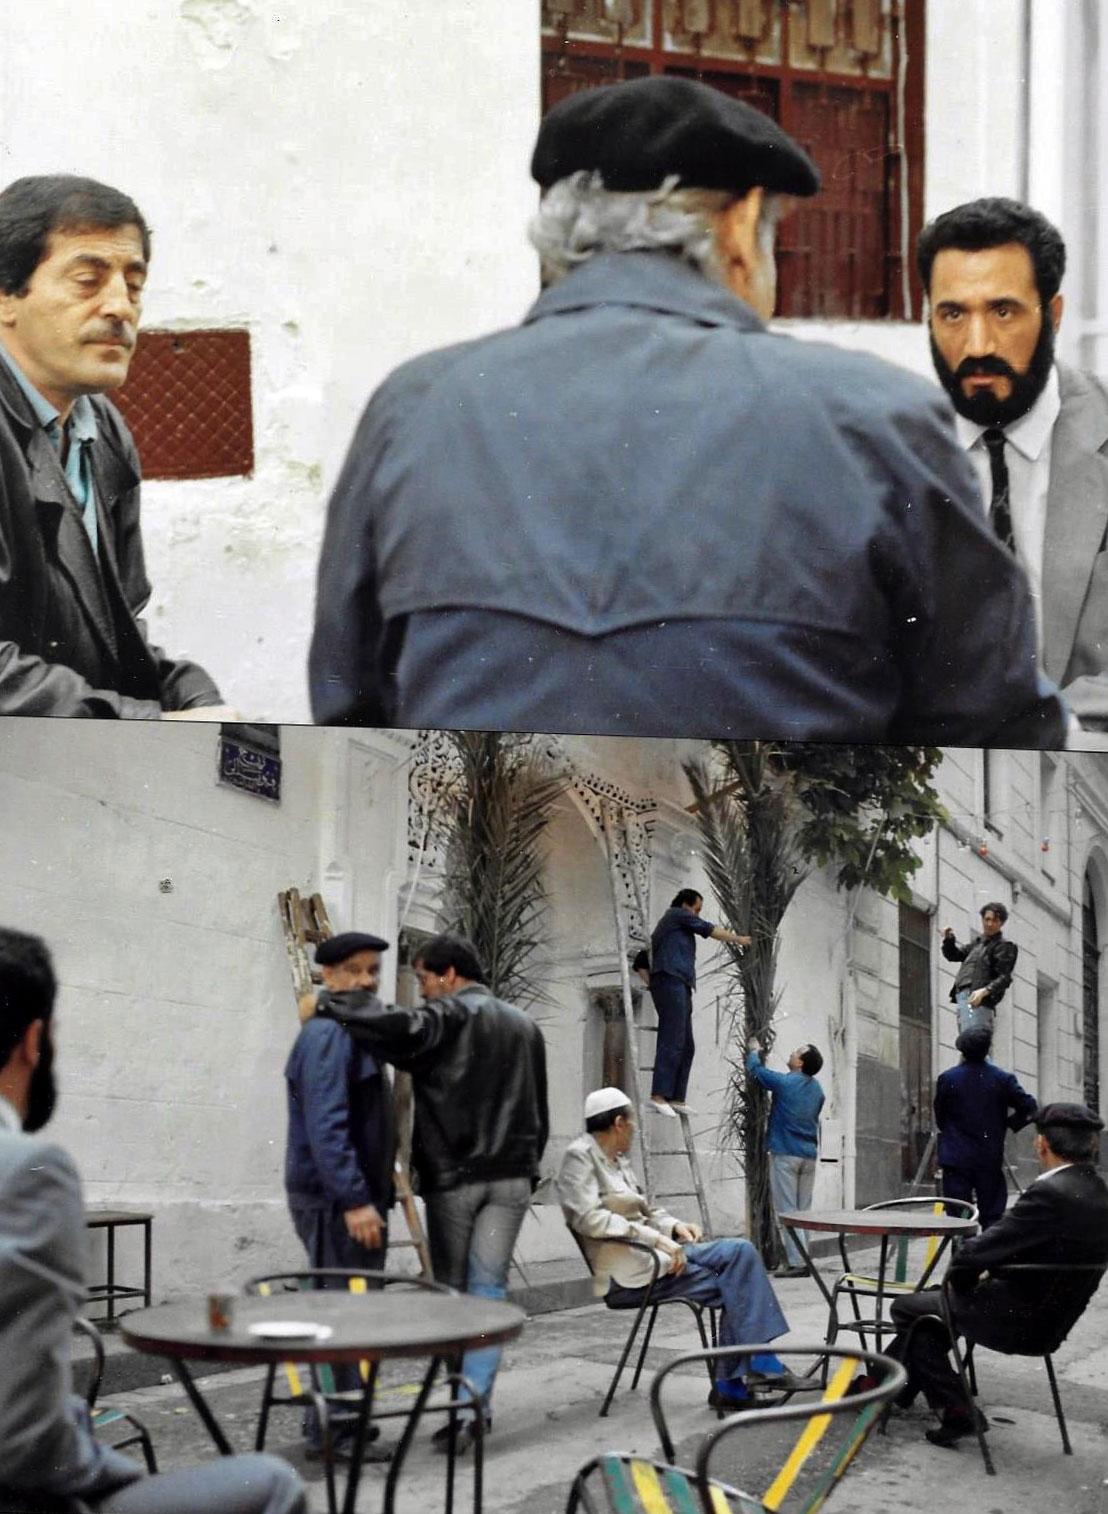 Aziz-et-le-Vieux,-1ère-Rencontre.-Mohamed-Fellag-+-Mustapha-Halo---1988-LUMIERES